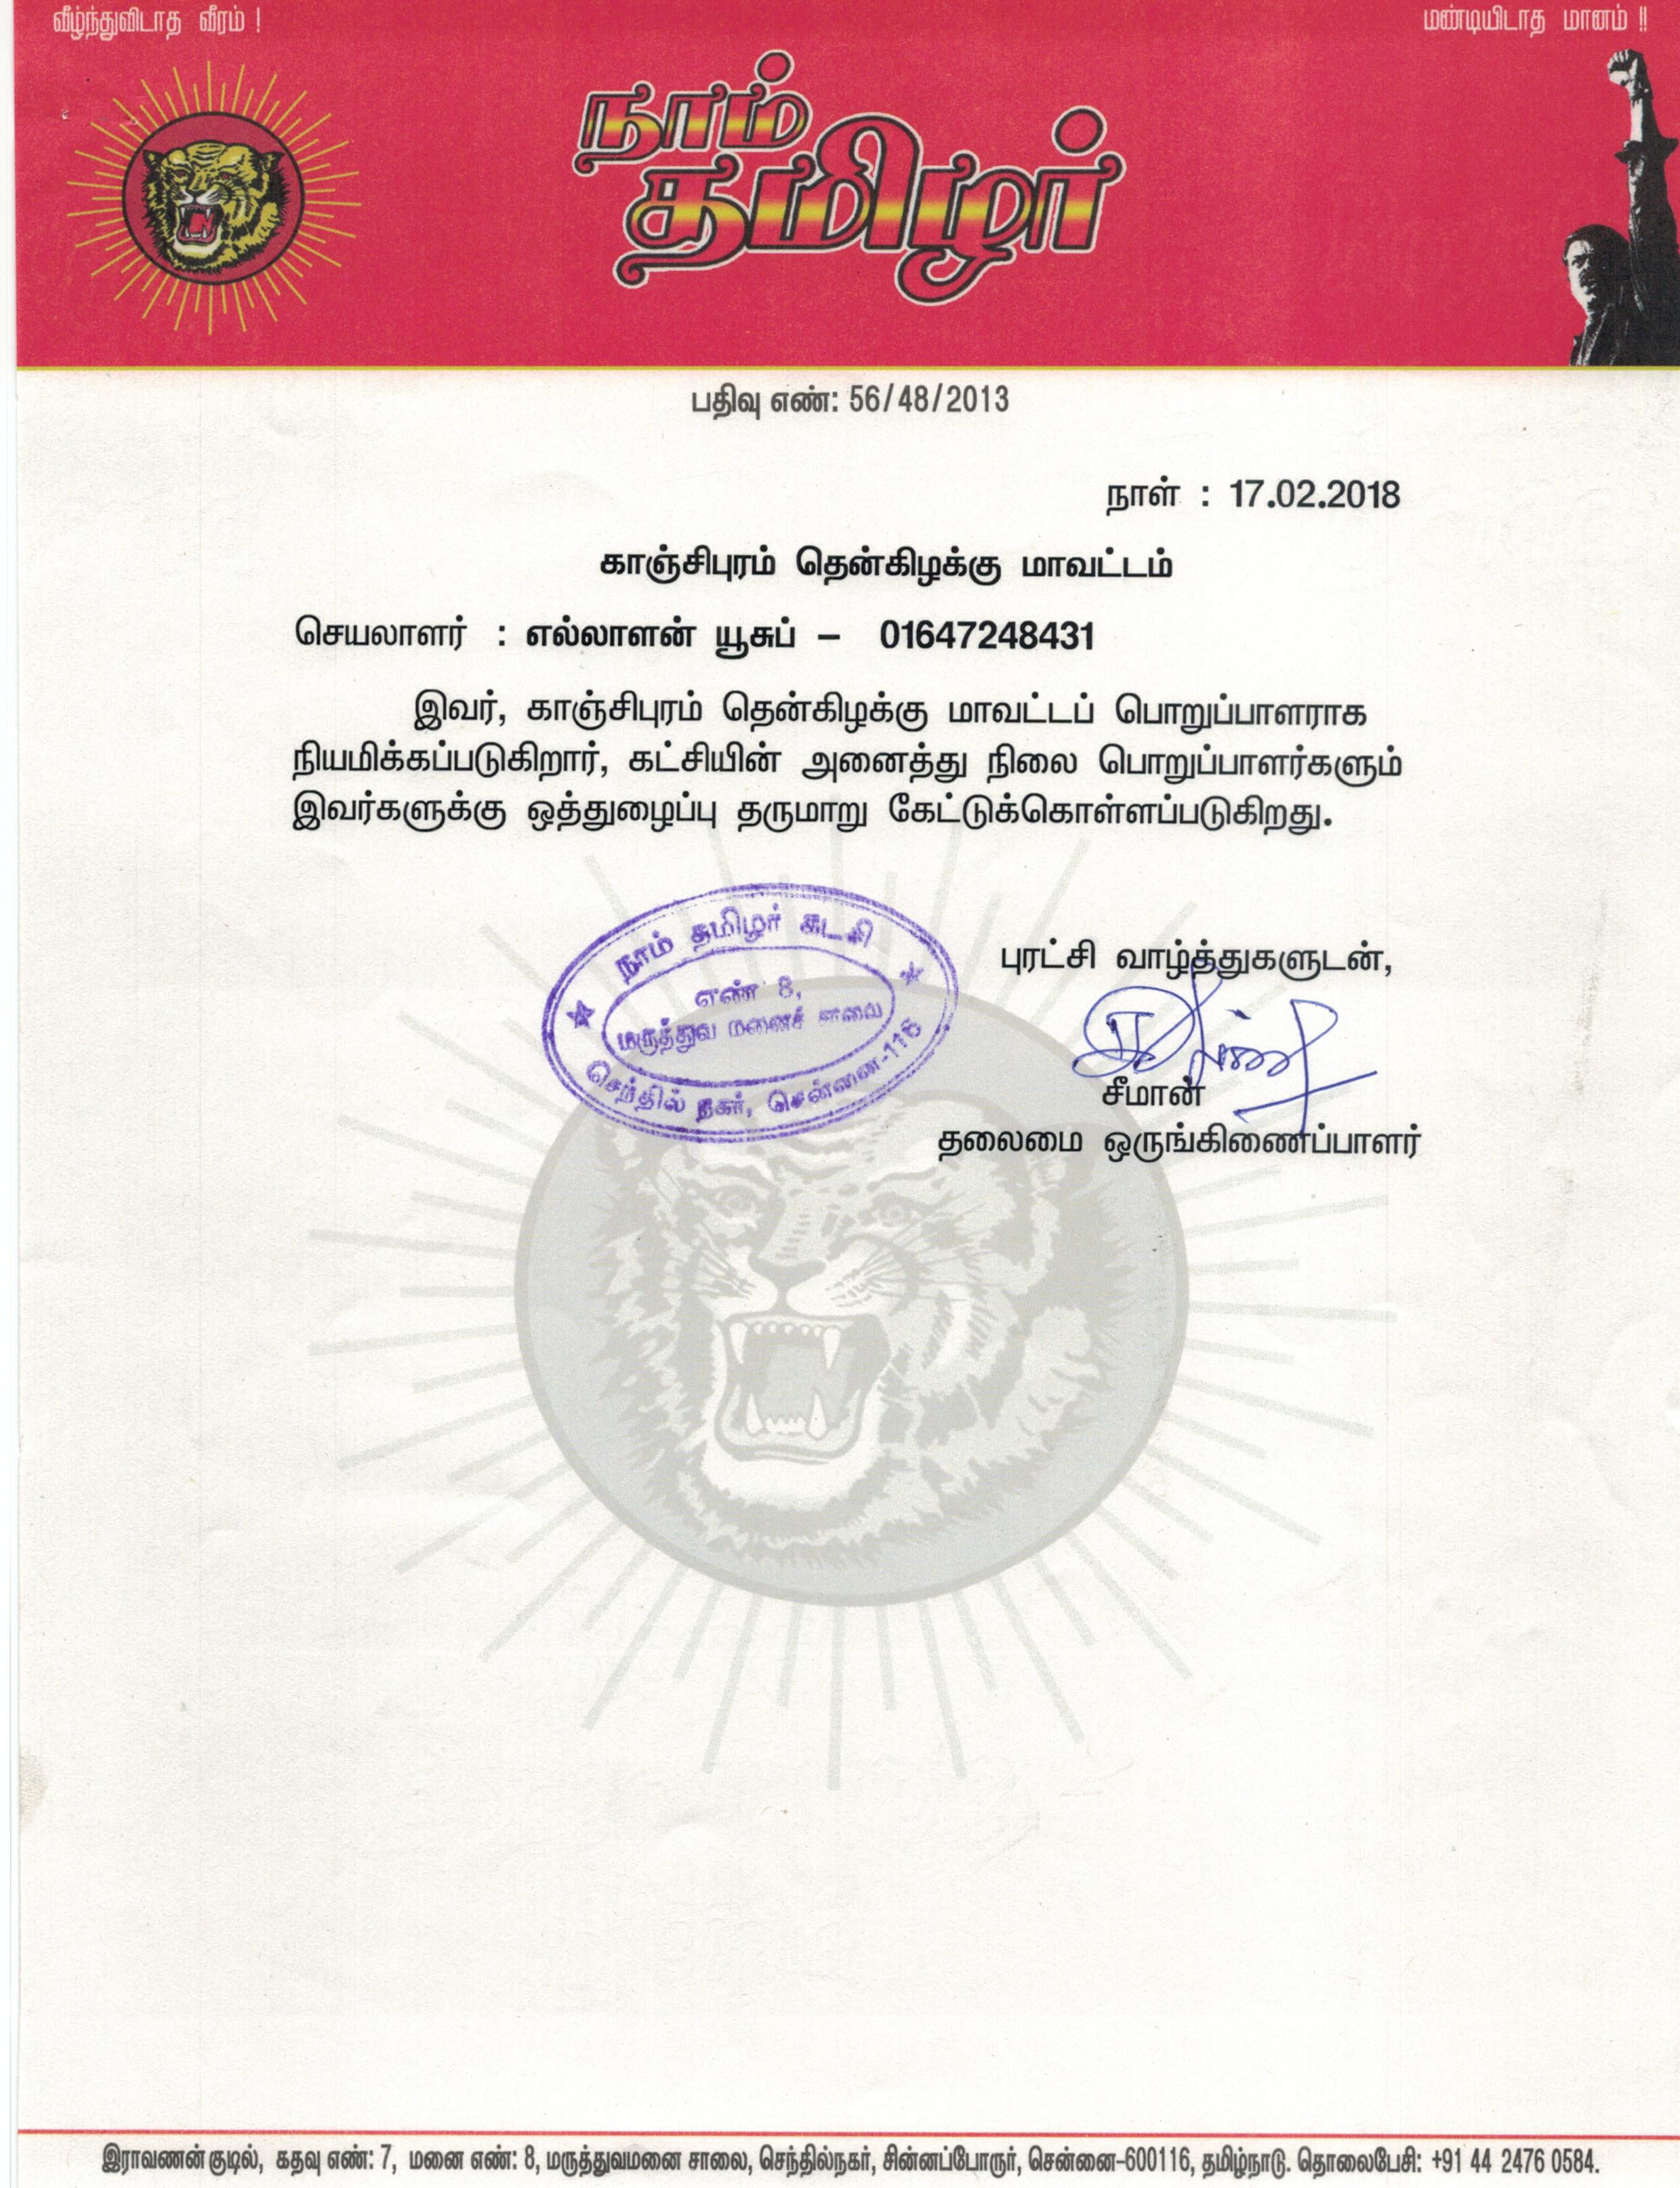 மாவட்டப் பொறுப்பாளர்களுடன் சீமான் சந்திப்பு மற்றும் புதிய நிர்வாகிகள் நியமனம் – (காஞ்சிபுரம் : கிழக்கு மண்டலம் ) seeman announced kanjipuram south east yellalan yusf naam tamilar katchi authorities 2018